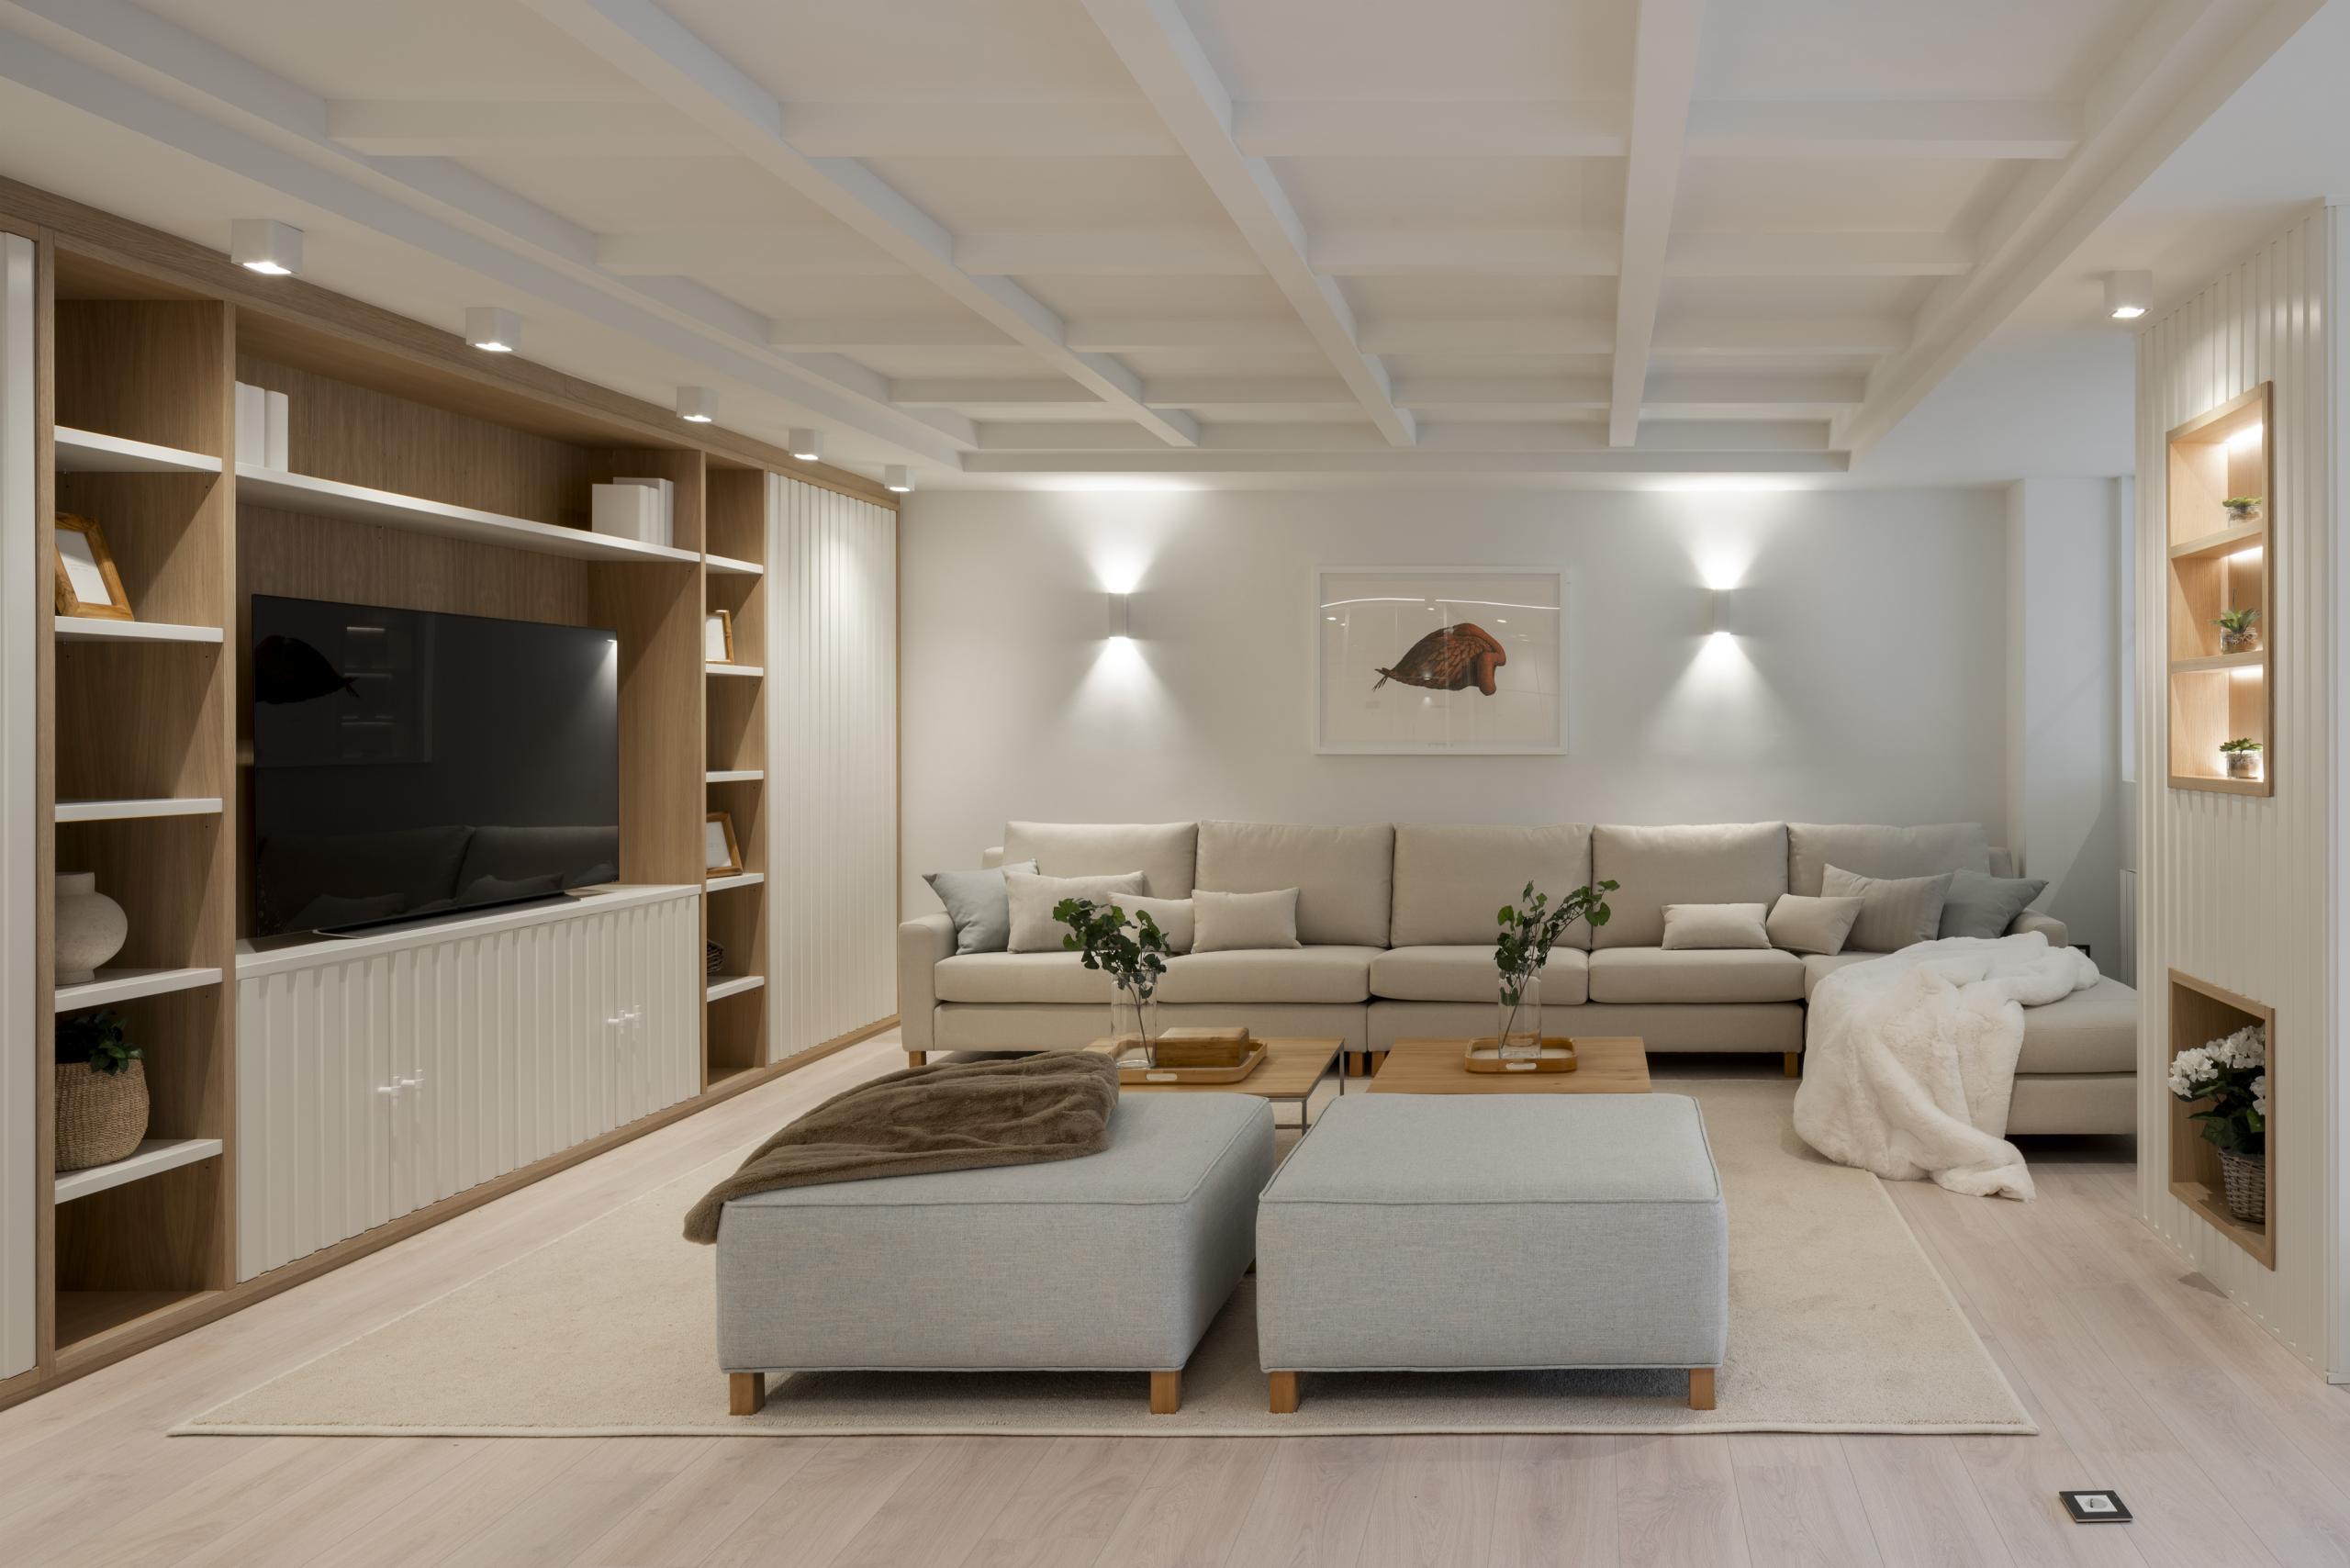 Decoracion de salon en reforma integral de vivienda. Sube Interiorismo, Bilbao